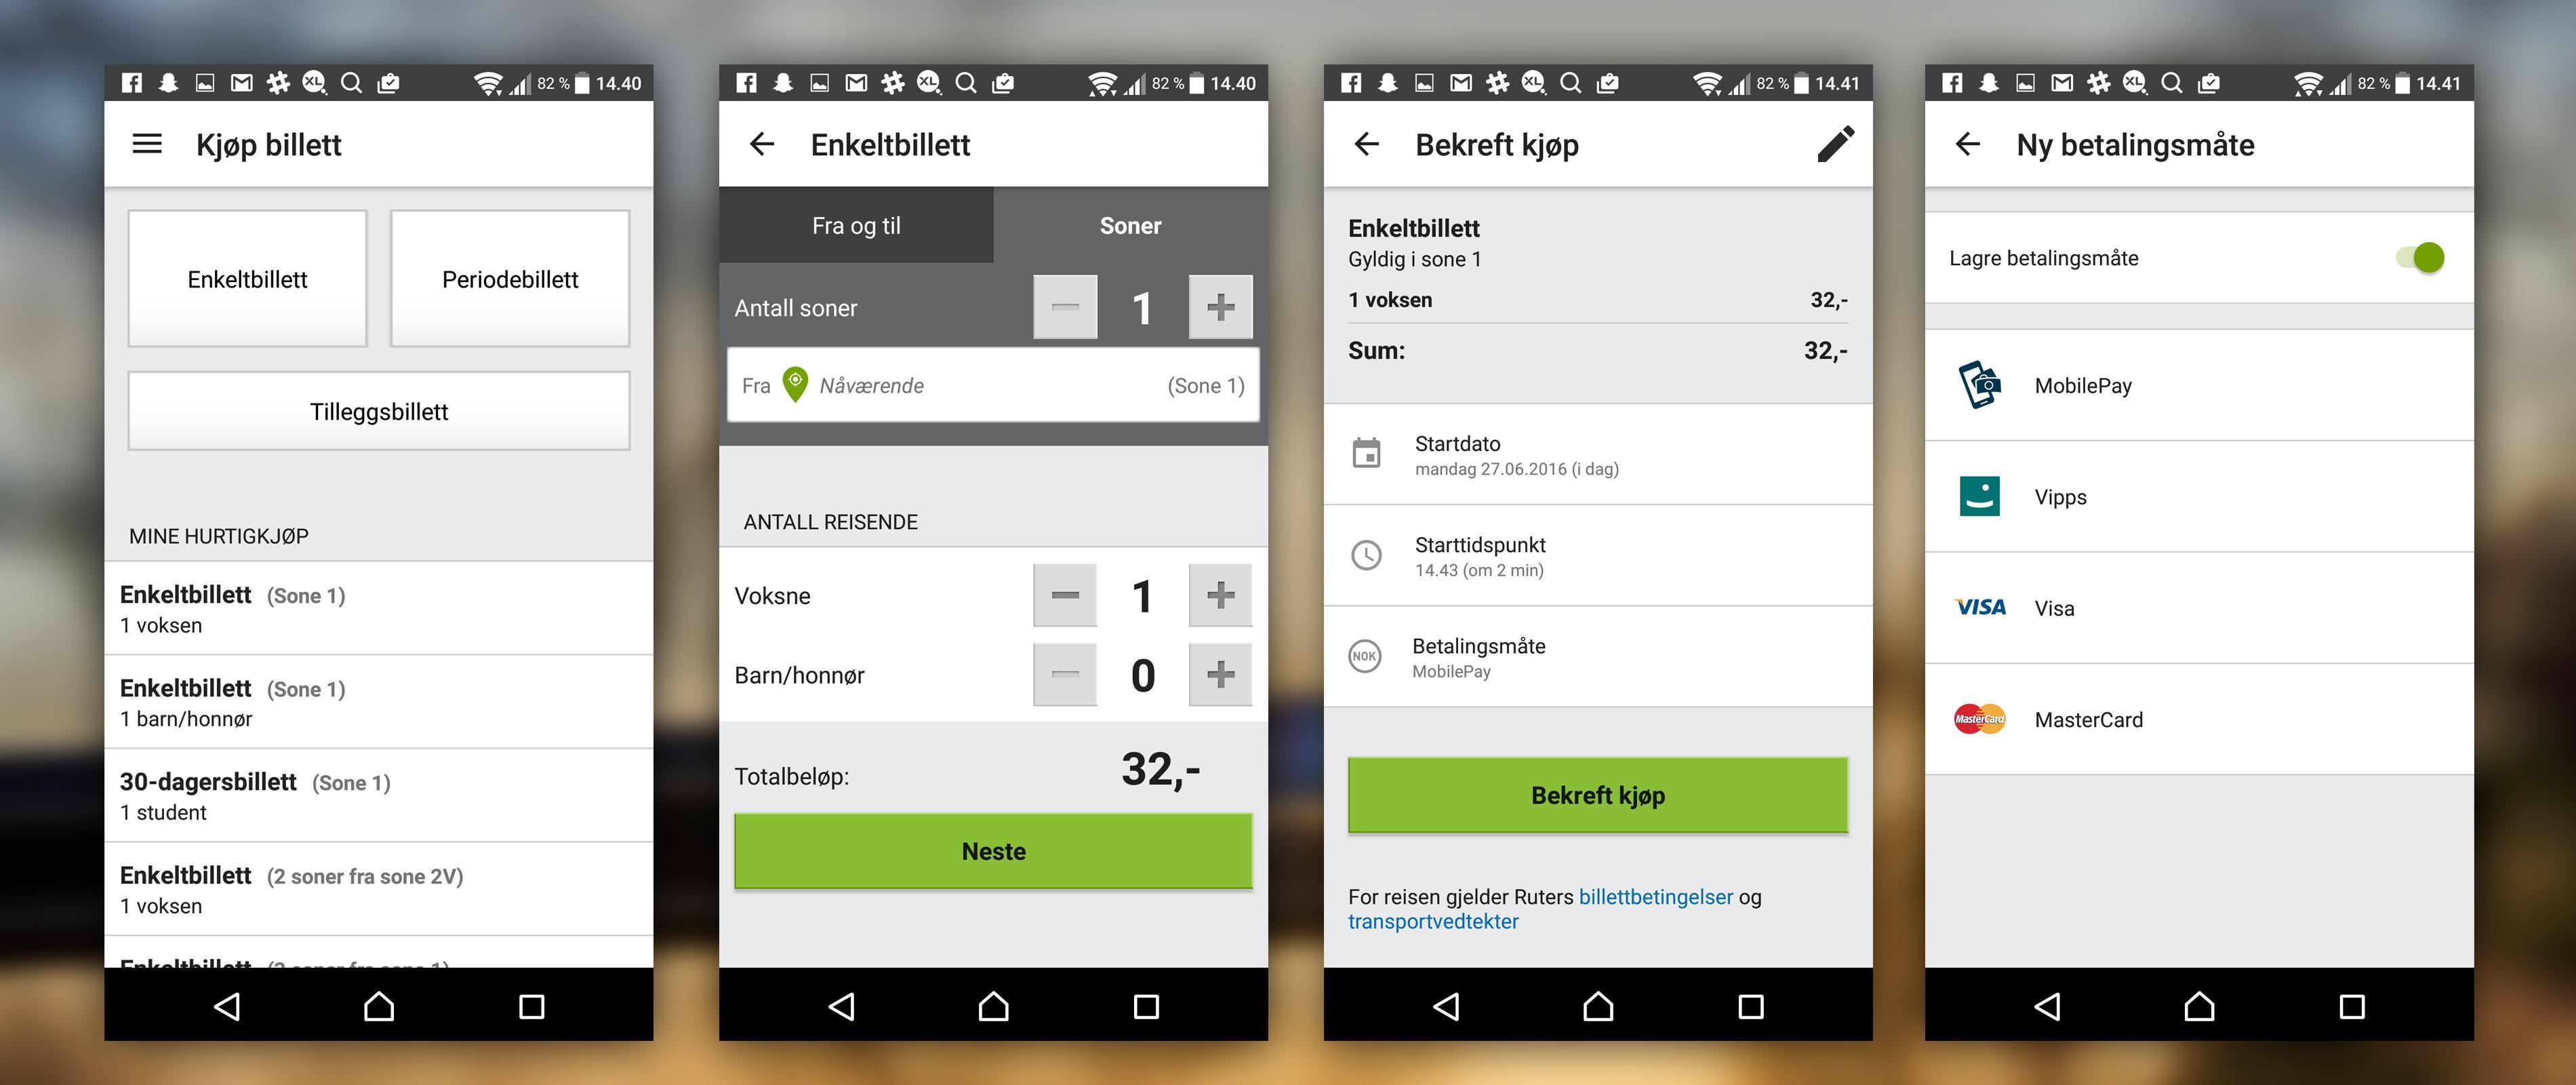 Slik velger du Mobile Pay i RuterBillett. Du tas videre til Mobile Pay-appen for å bekrefte kjøpet.